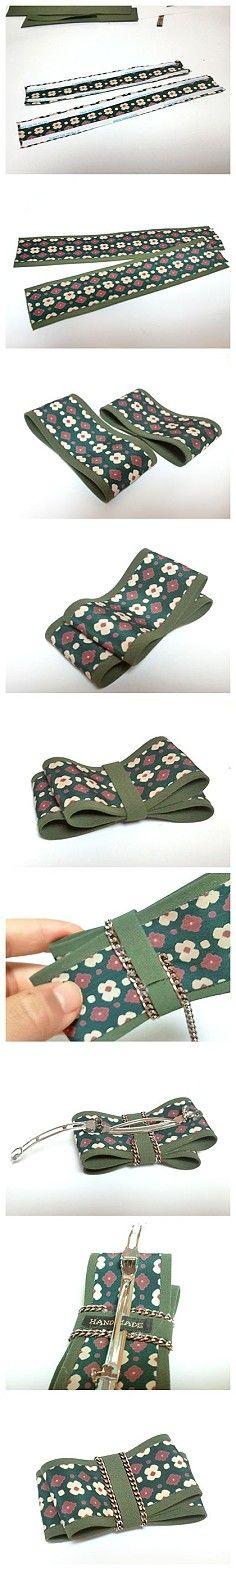 99 mejores imágenes de Detalles para coser y bordar | Crocheting ...